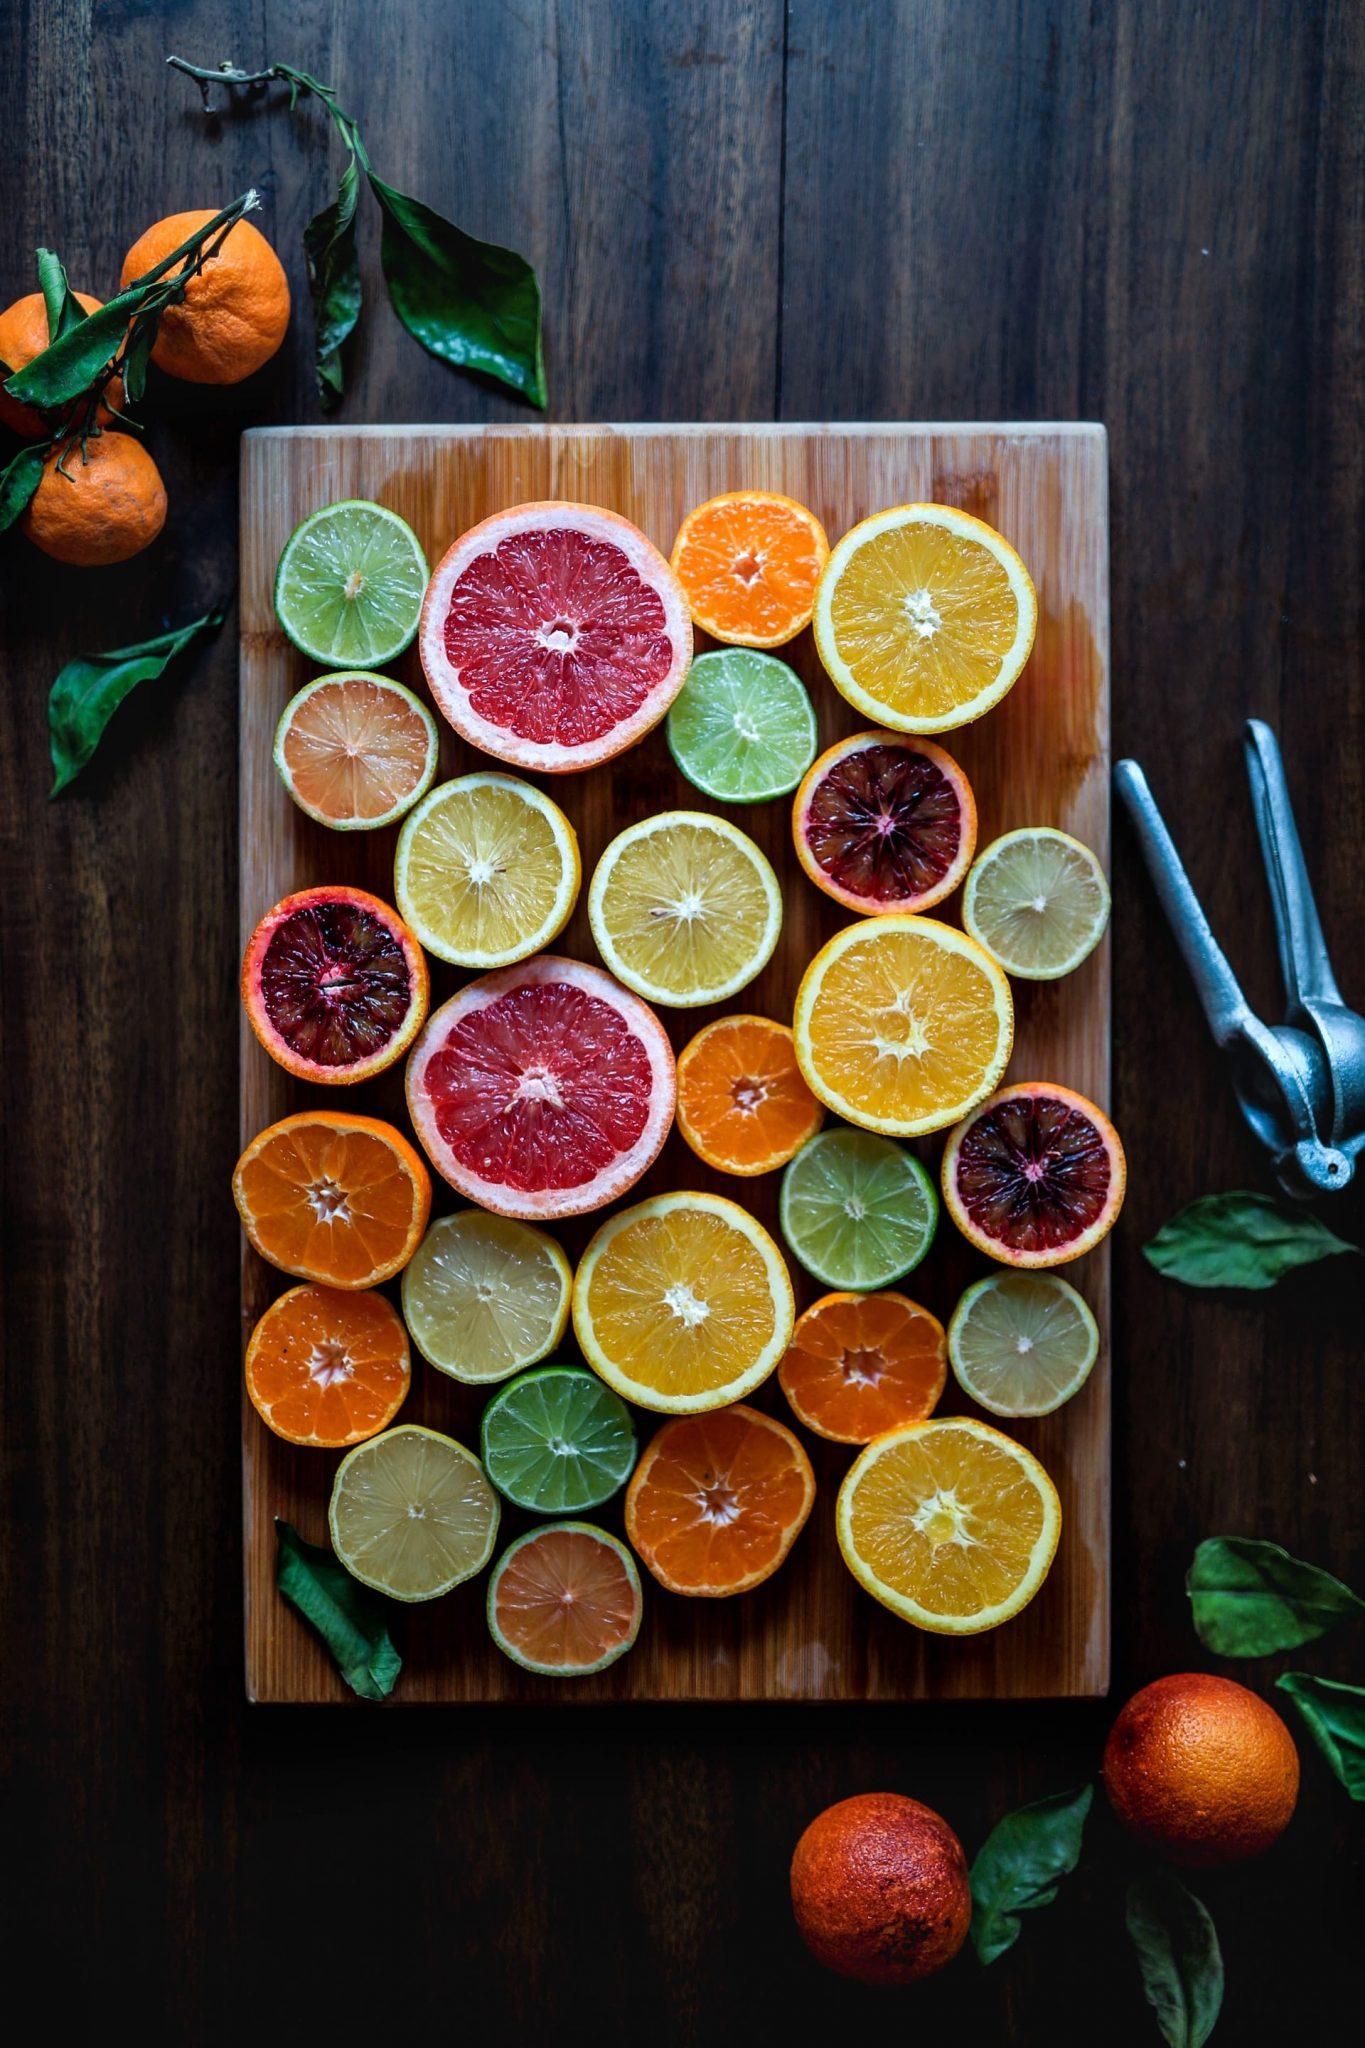 best citrus juicers in India